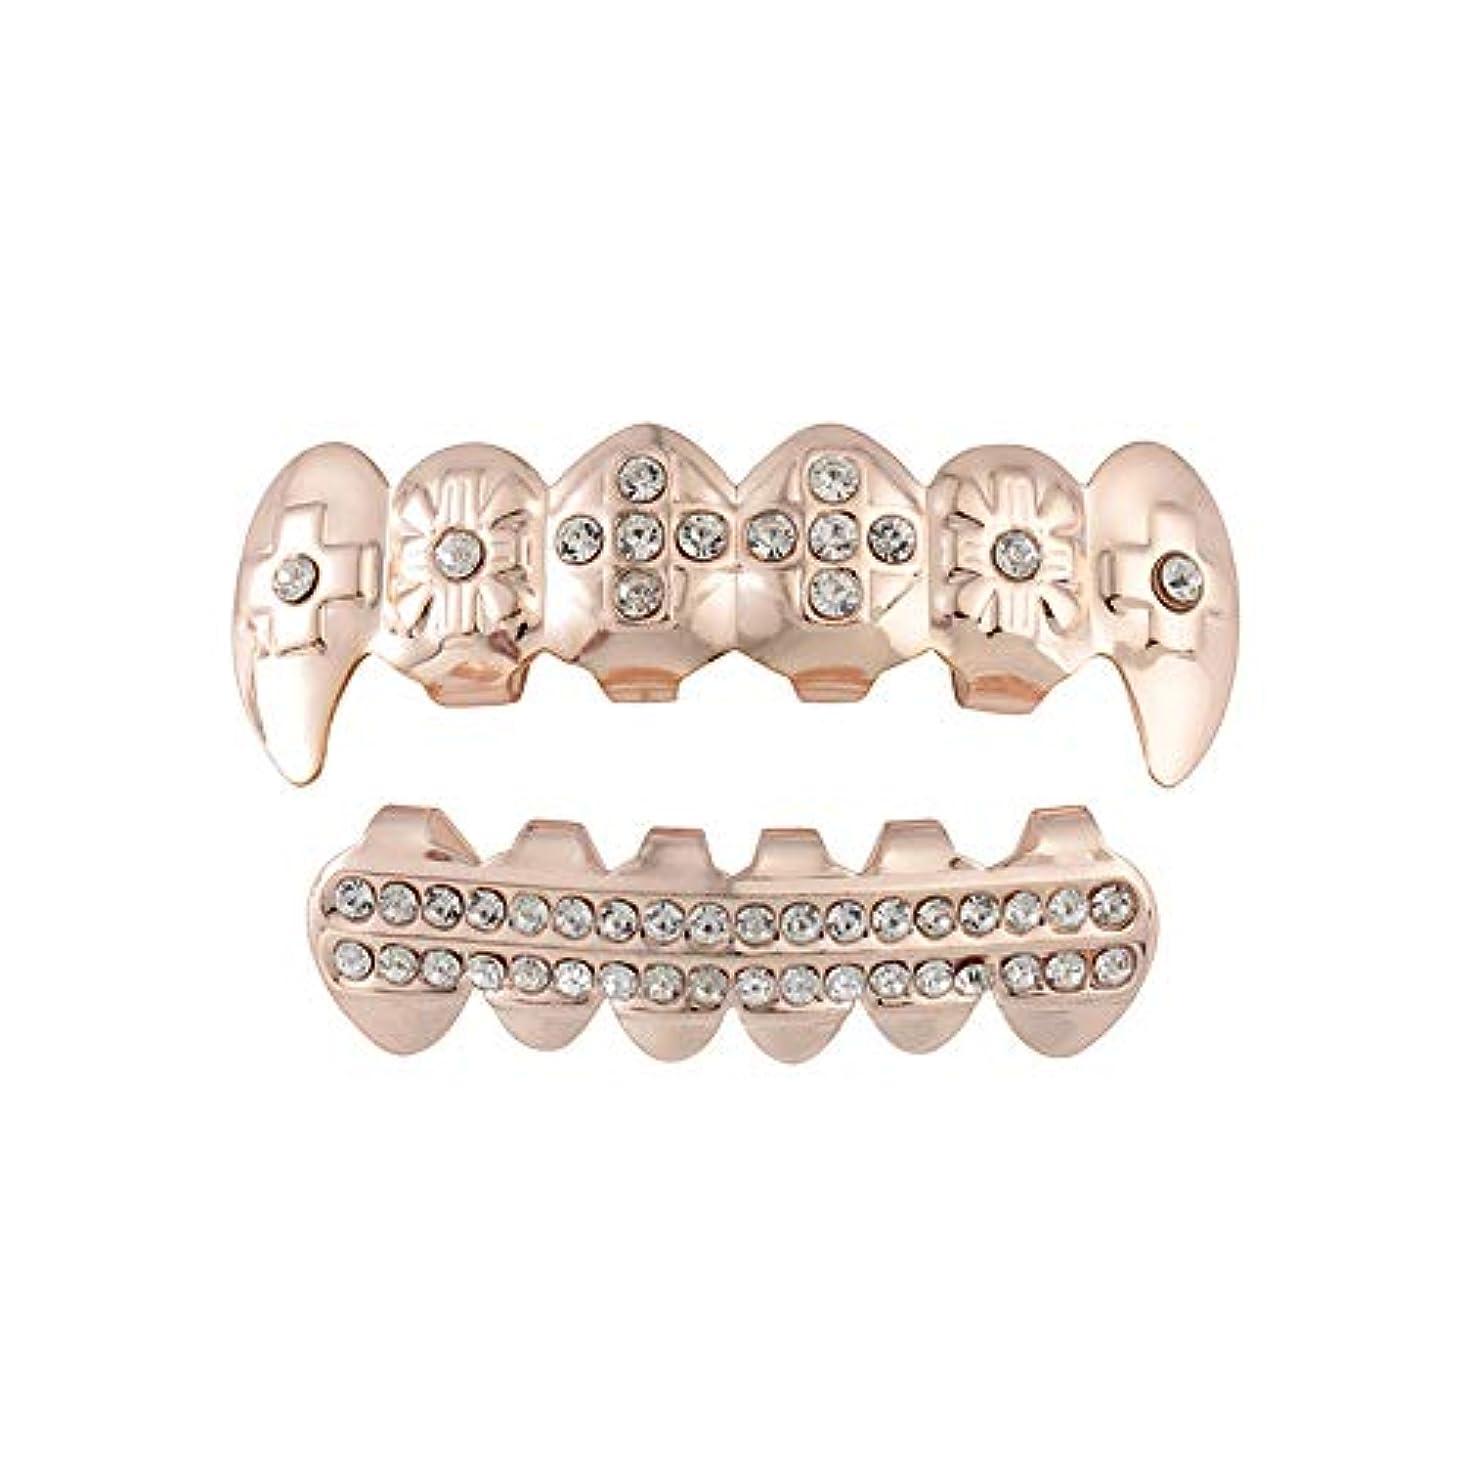 拘束するタイムリーなナイロンLazayyii 1セットゴールドメッキヒップホップ歯トップ&ボトムグリル歯グリルファッション (C)